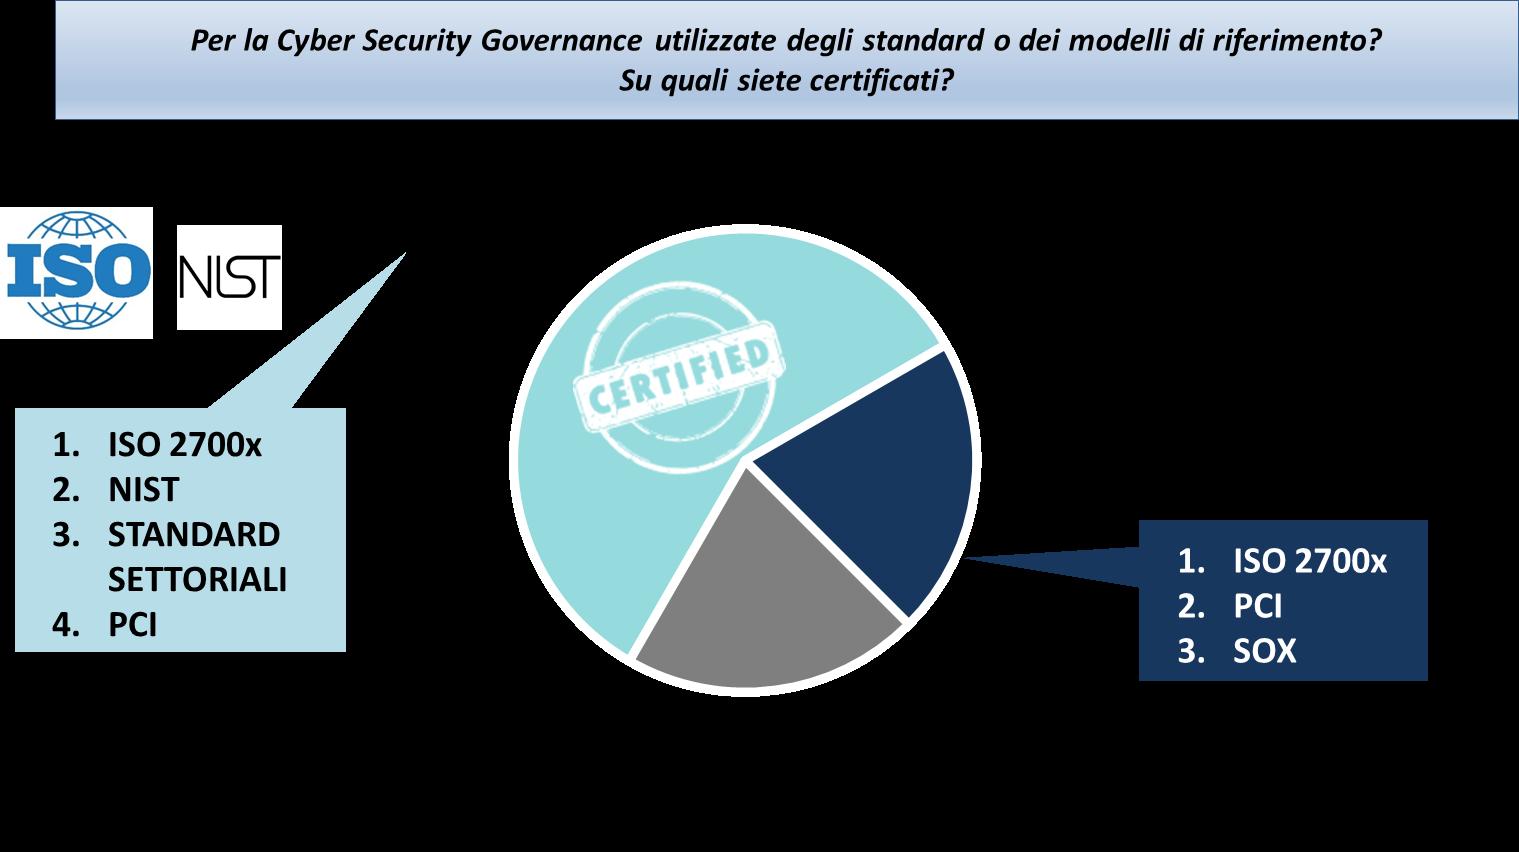 Utilizzo di standard e certificazioni in ambito Cybersecurity -Fonte: Barometro Cybersecurity 2018